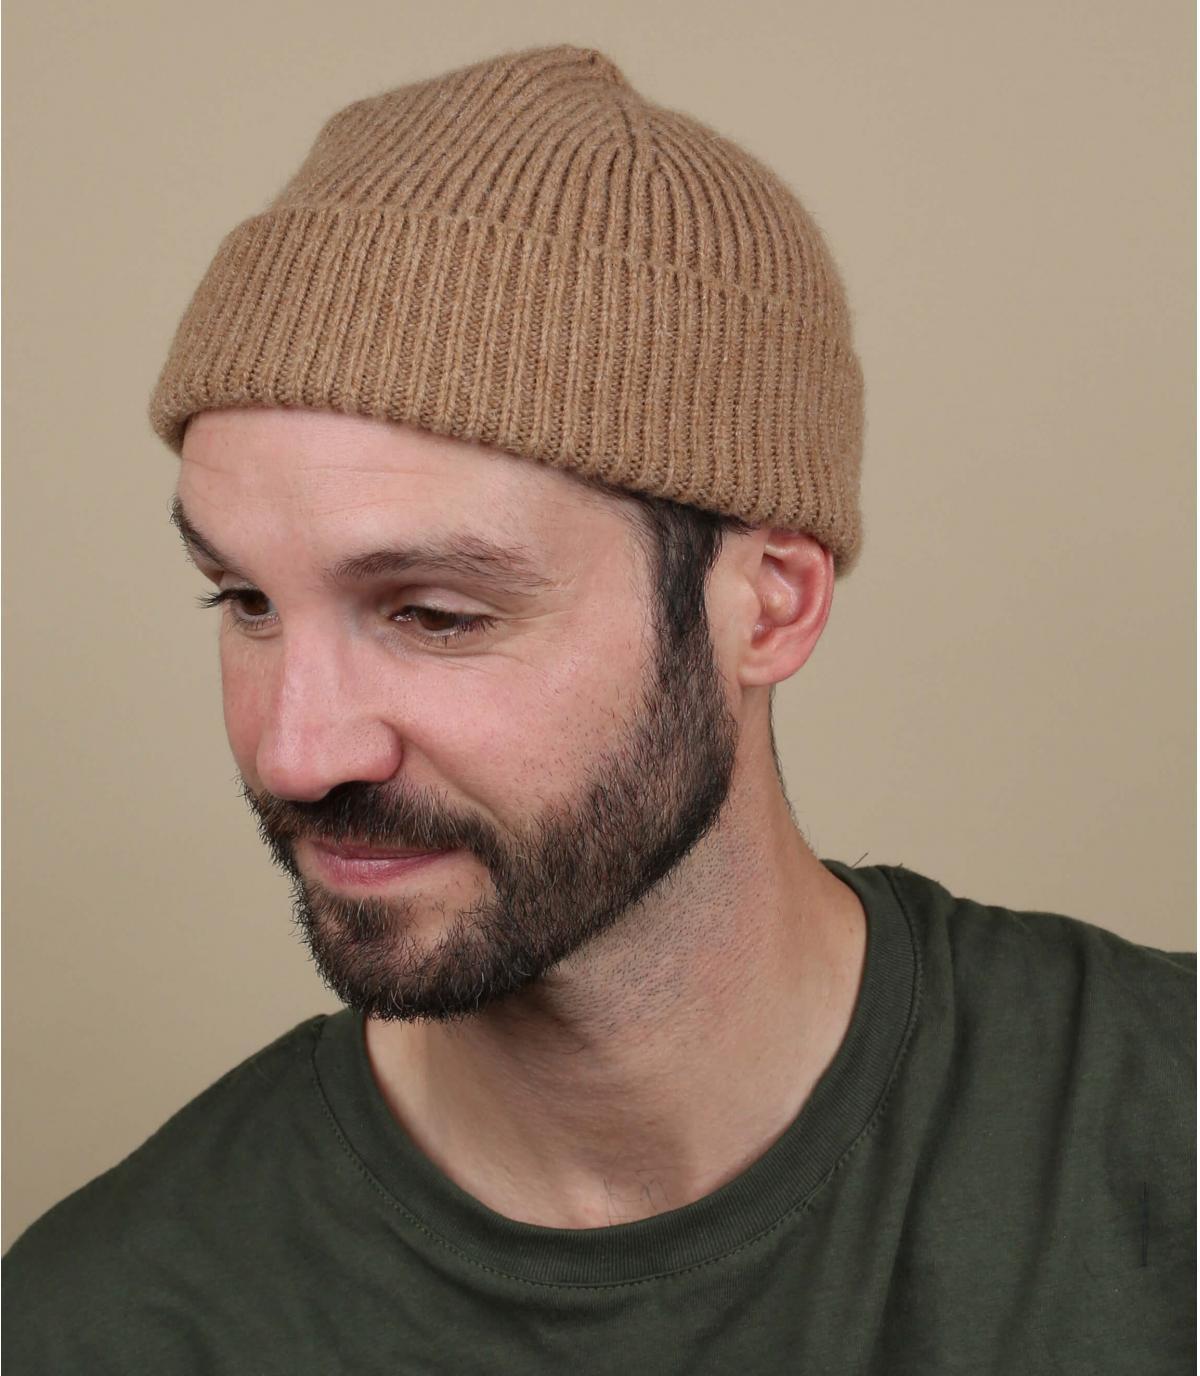 bavero in lana con cappuccio beige